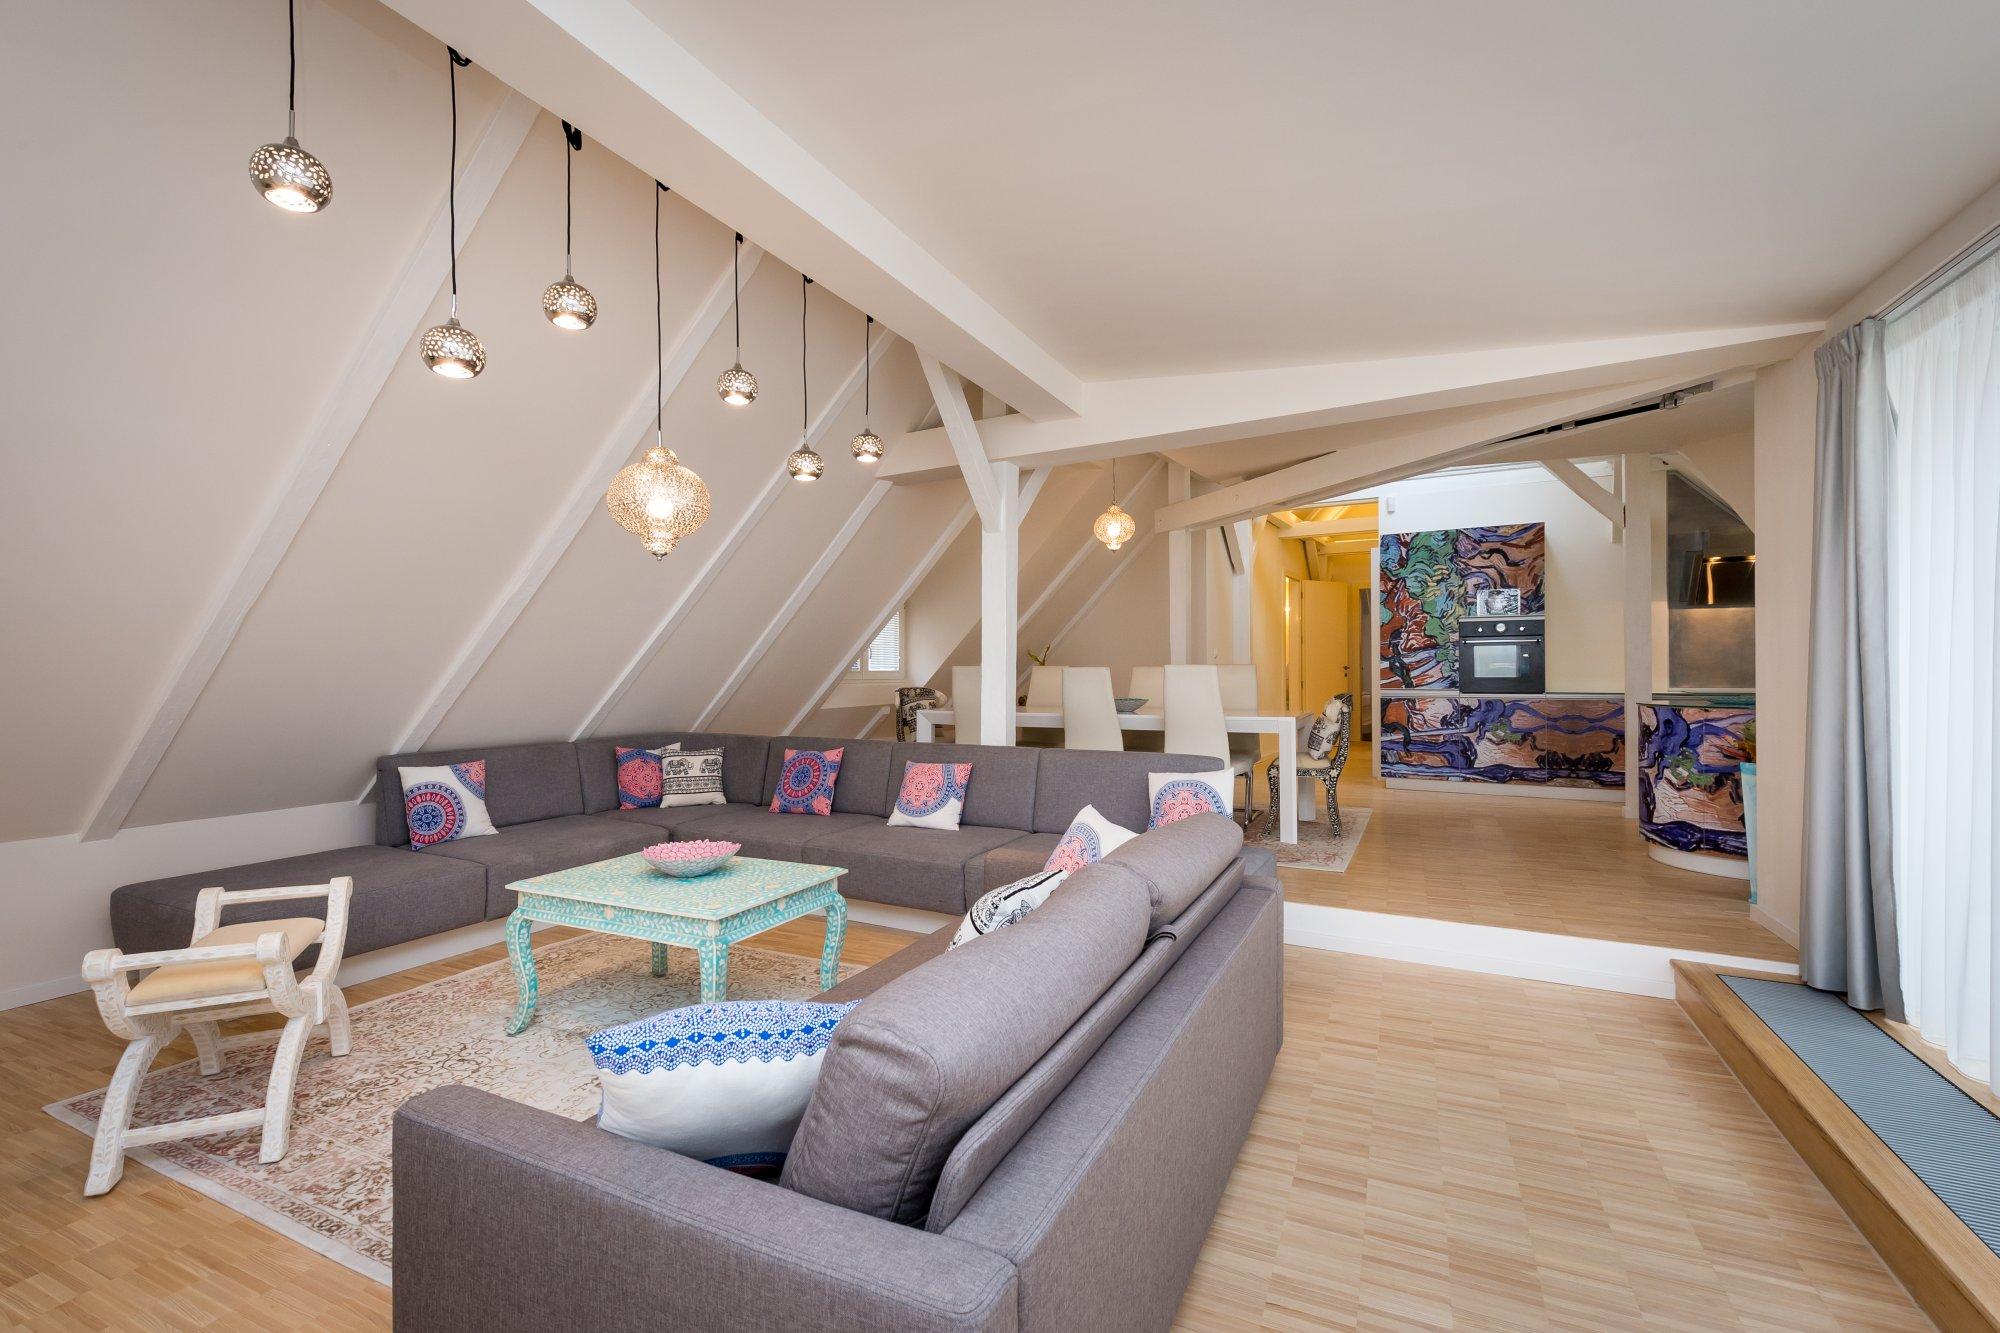 Půdní byt 4+kk, plocha 176 m², ulice Jilská, Praha 1 - Staré Město | 3